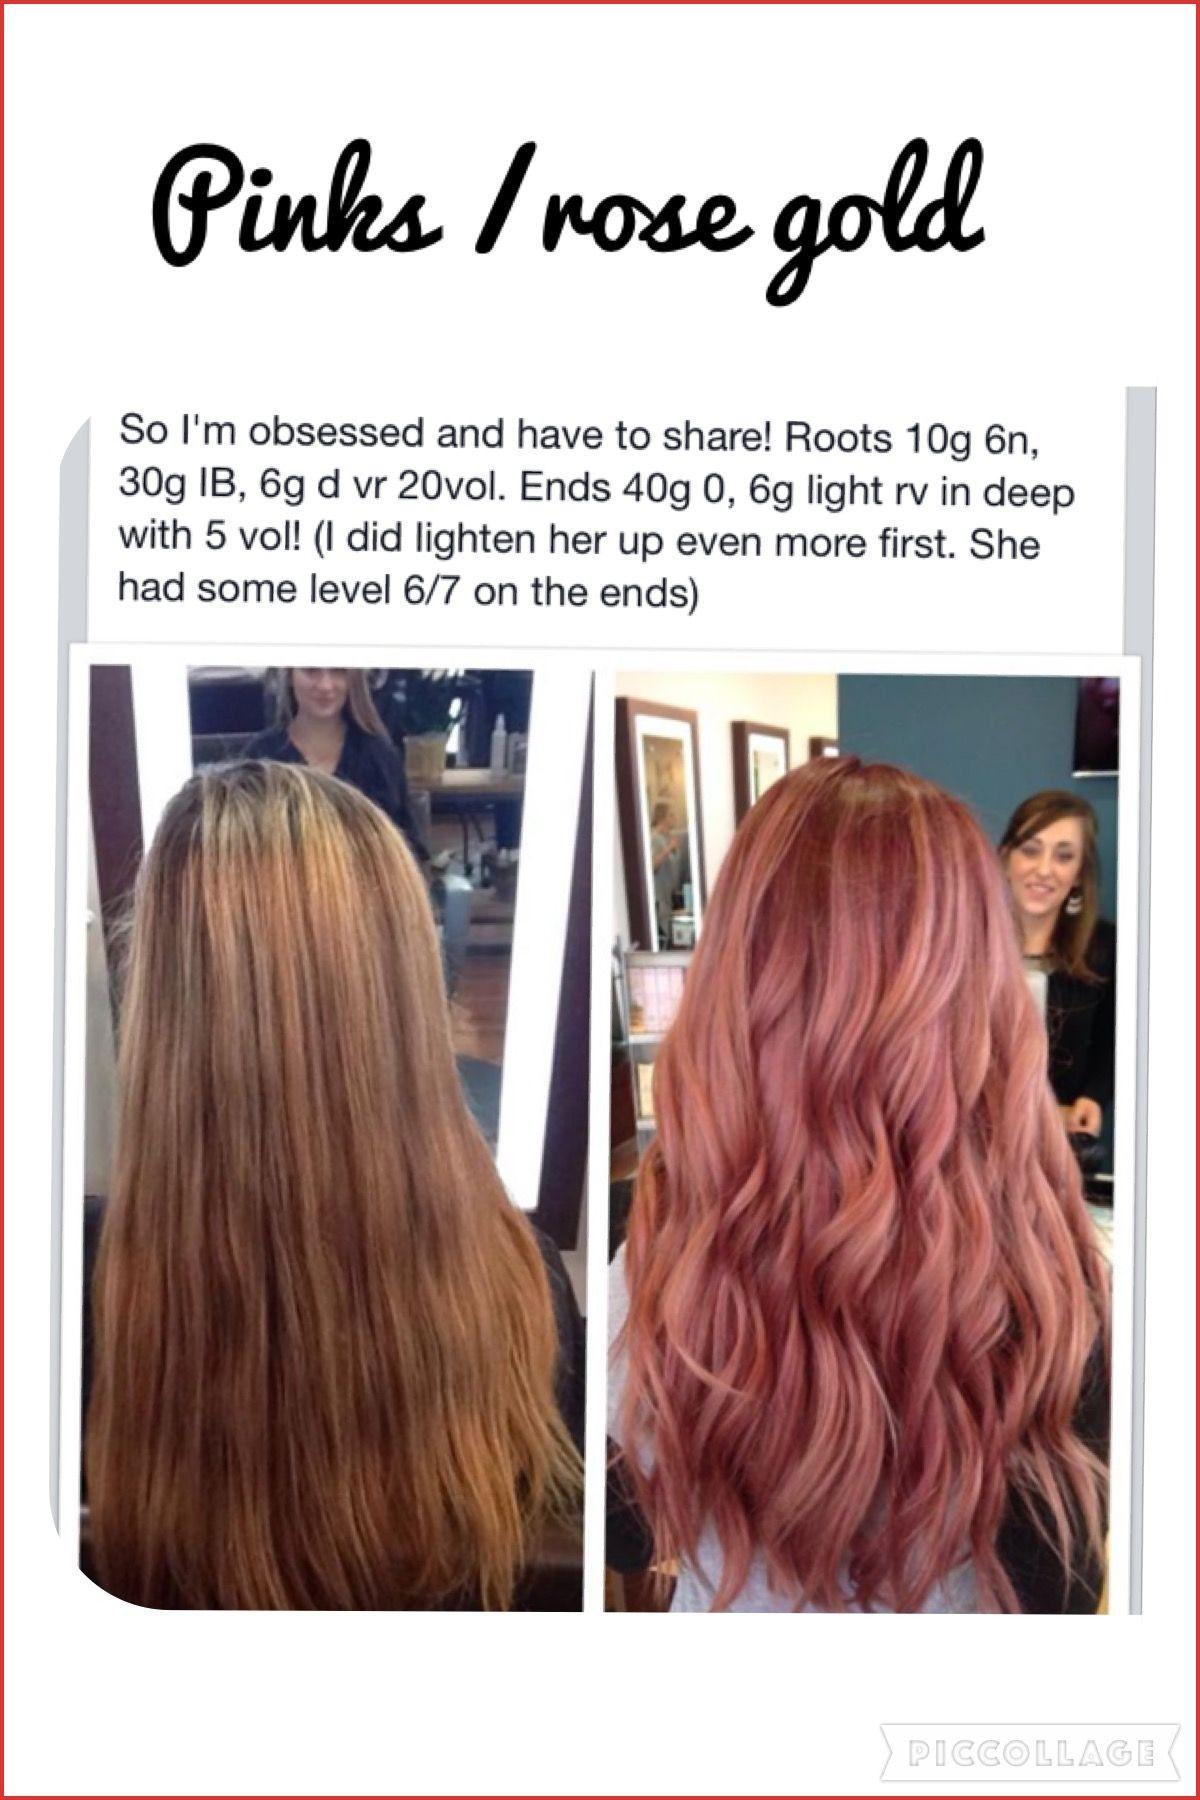 Caramel Hair Color Formula 147403 Rose Dÿœ Gold Hair Colors In 2018 Pinterest Caramelhair Hair Color Formulas Aveda Hair Color Rose Gold Hair Color Formula